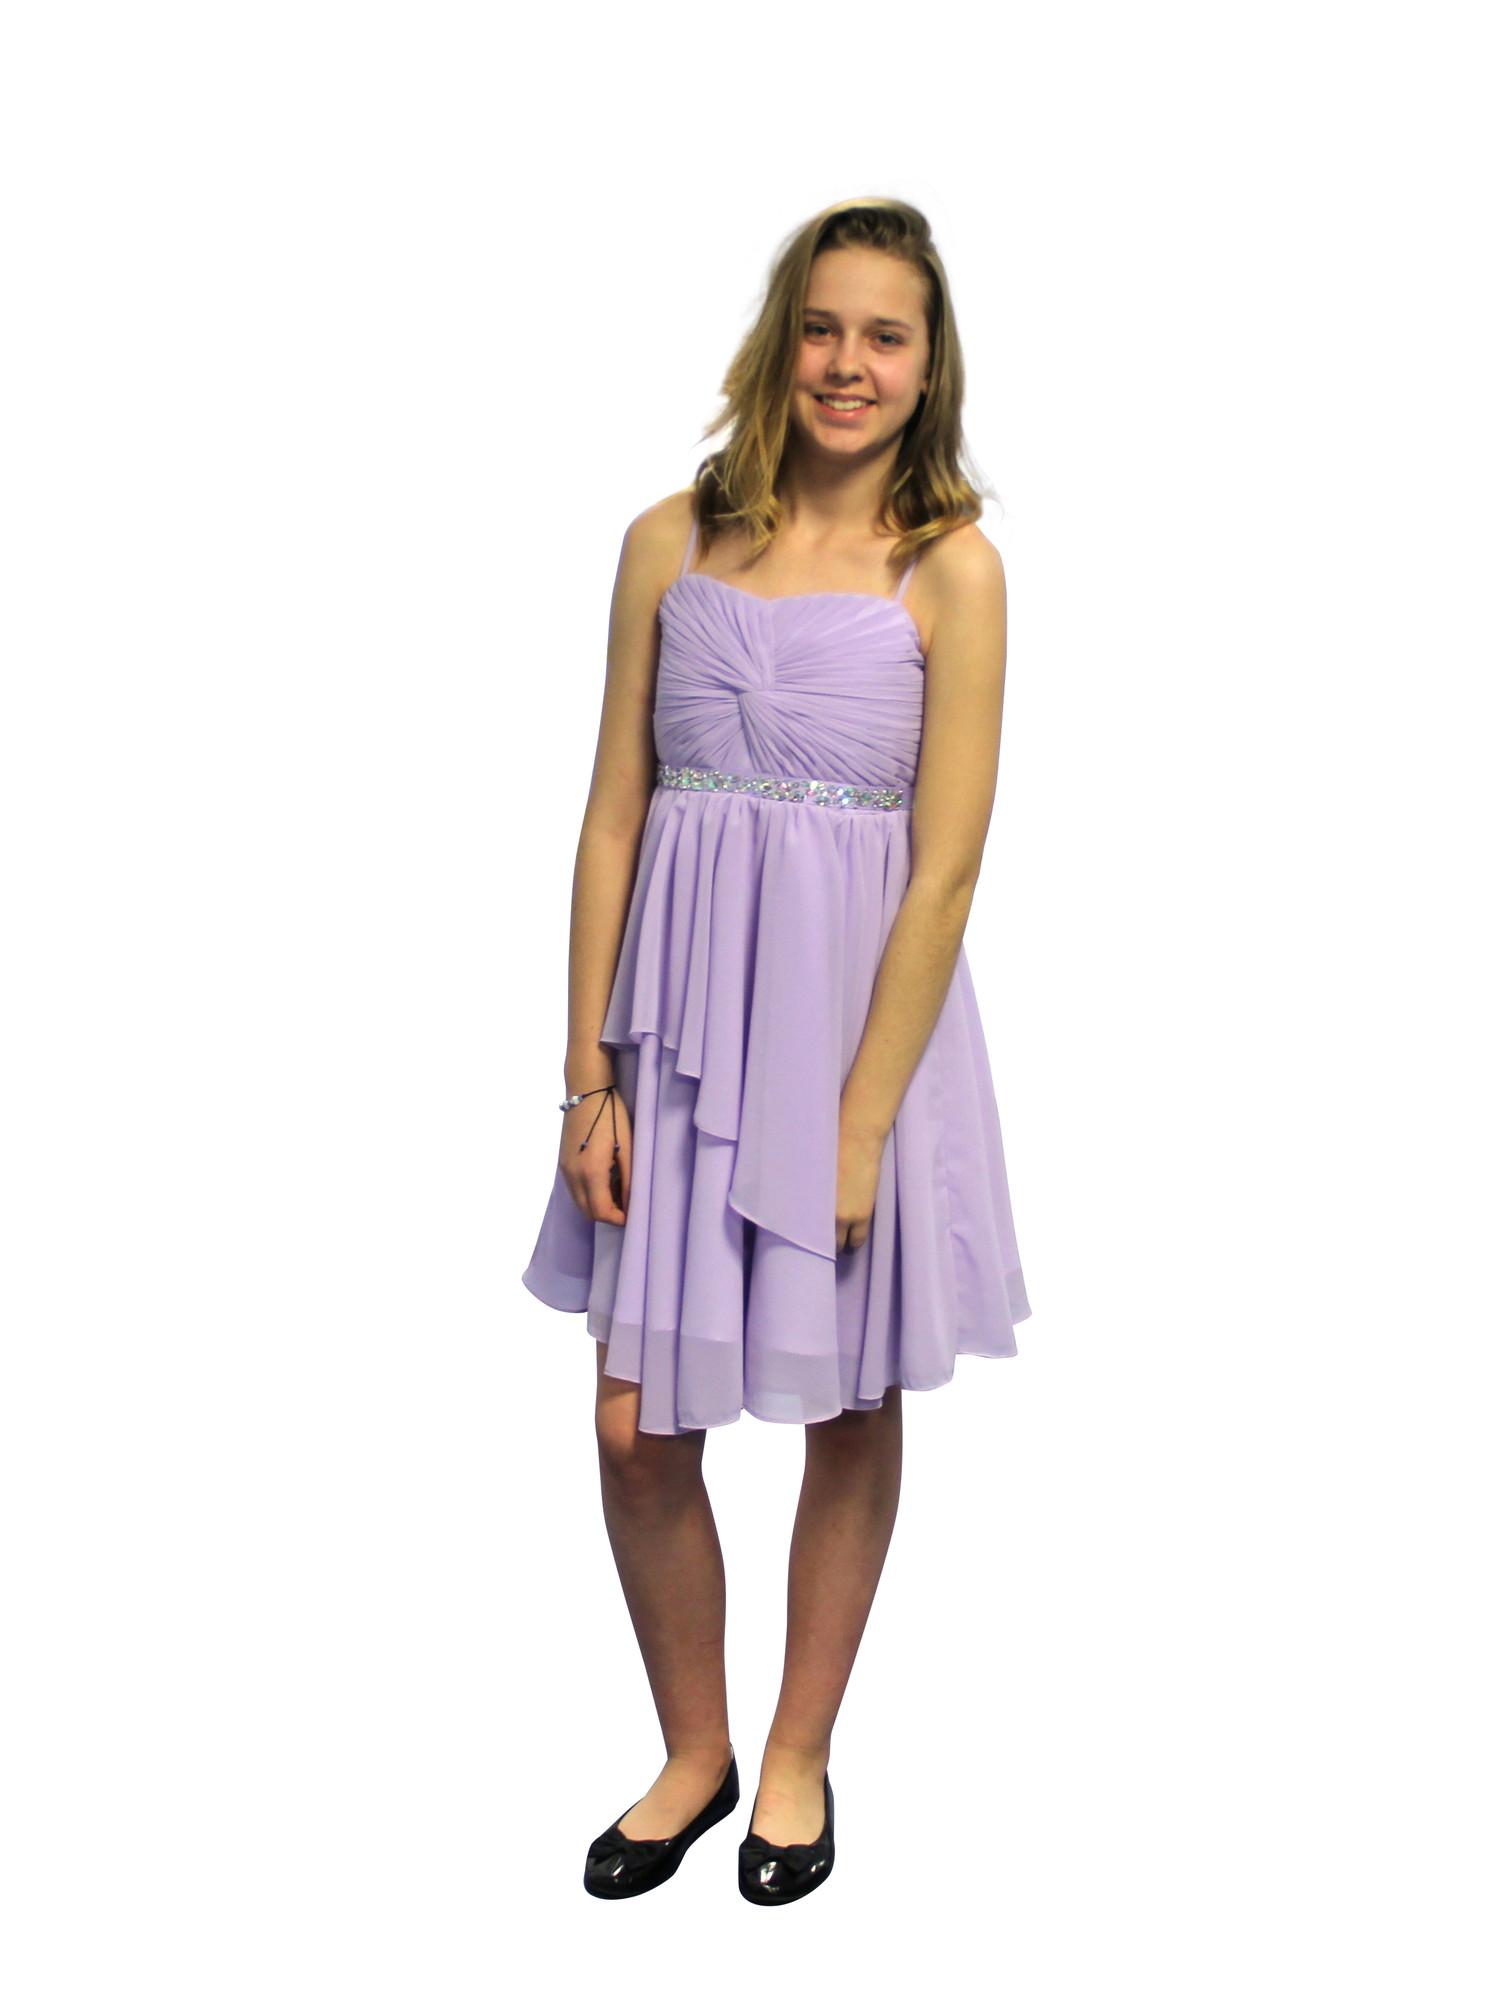 BIMARO Mädchen Kleid Clea flieder lila Festkleid edler Chiffon Strass festlich Chiffonkleid Hochzeit Blumenmädchen Party